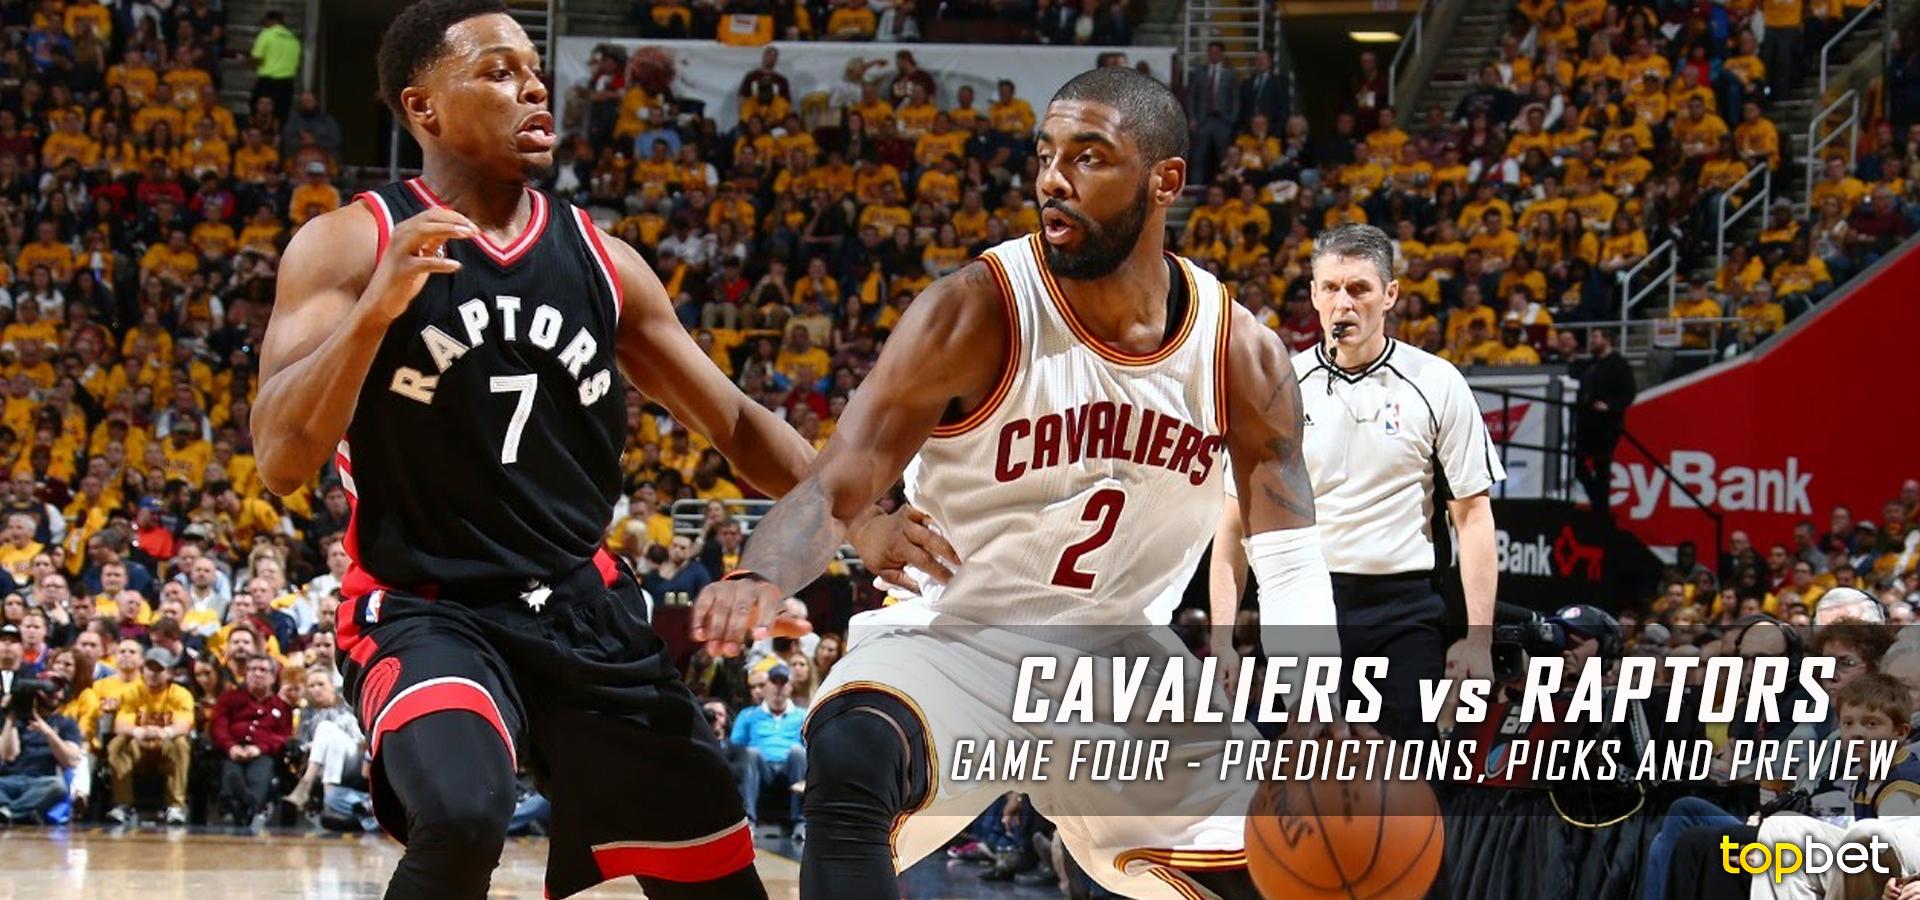 Cavaliers vs Raptors Series Game 4 Predictions, Picks, Odds